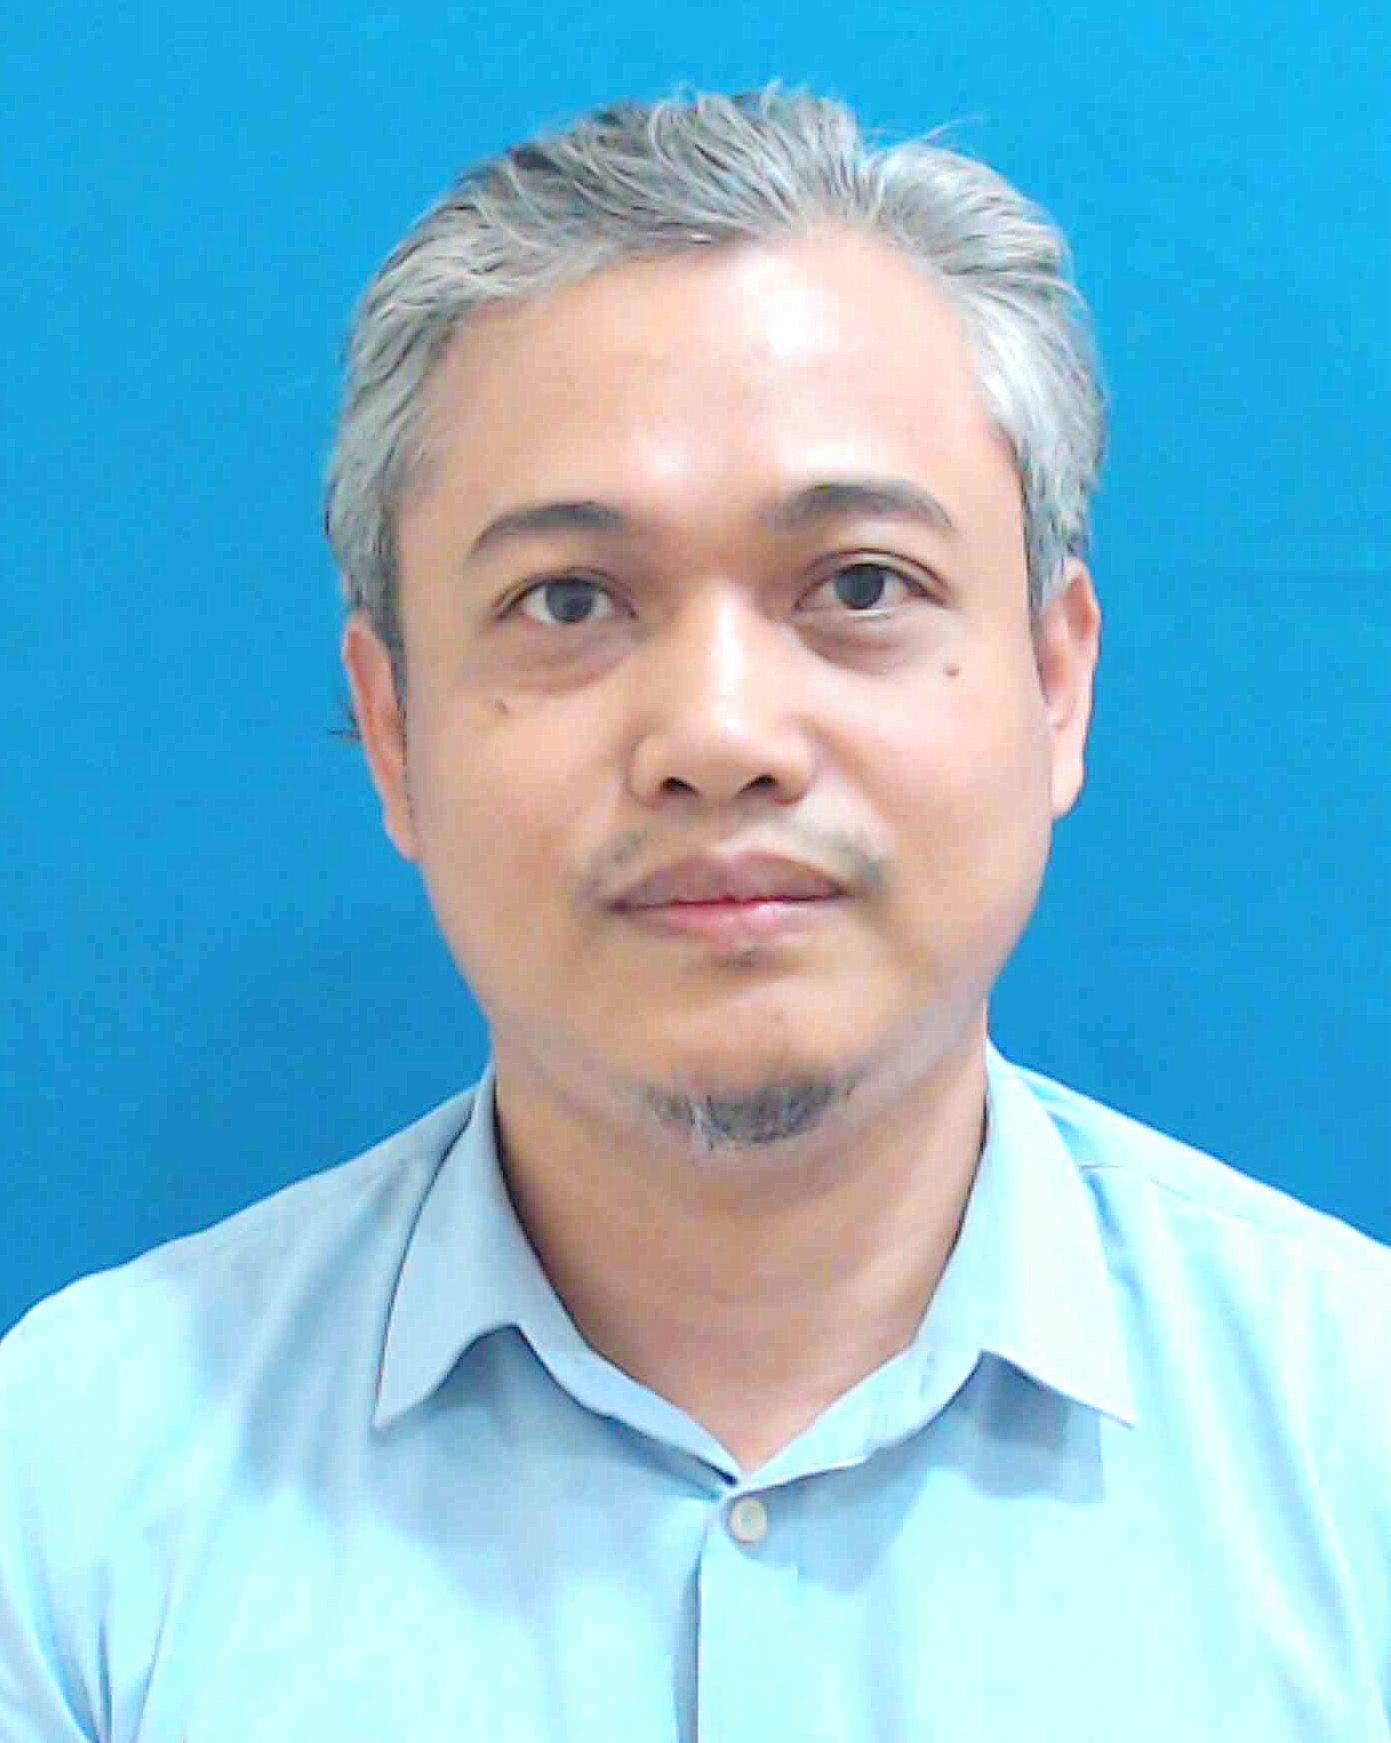 Ahmad Azfar Bin Mohamed